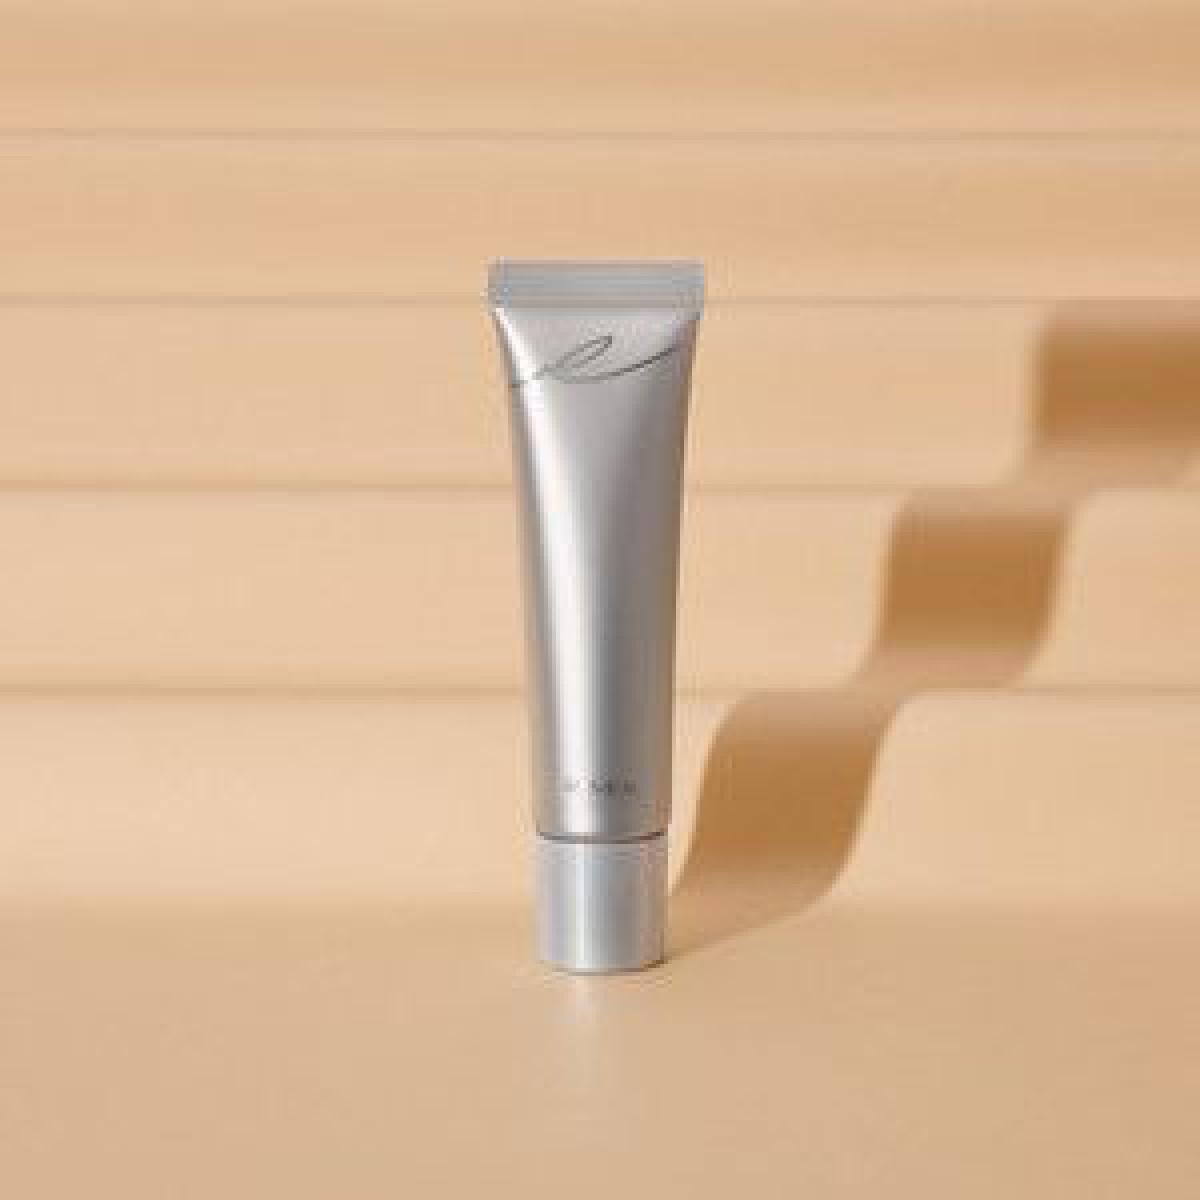 RMKから初のCCクリームが登場、カバー力と透明感を兼ね備えたジェルタイプ